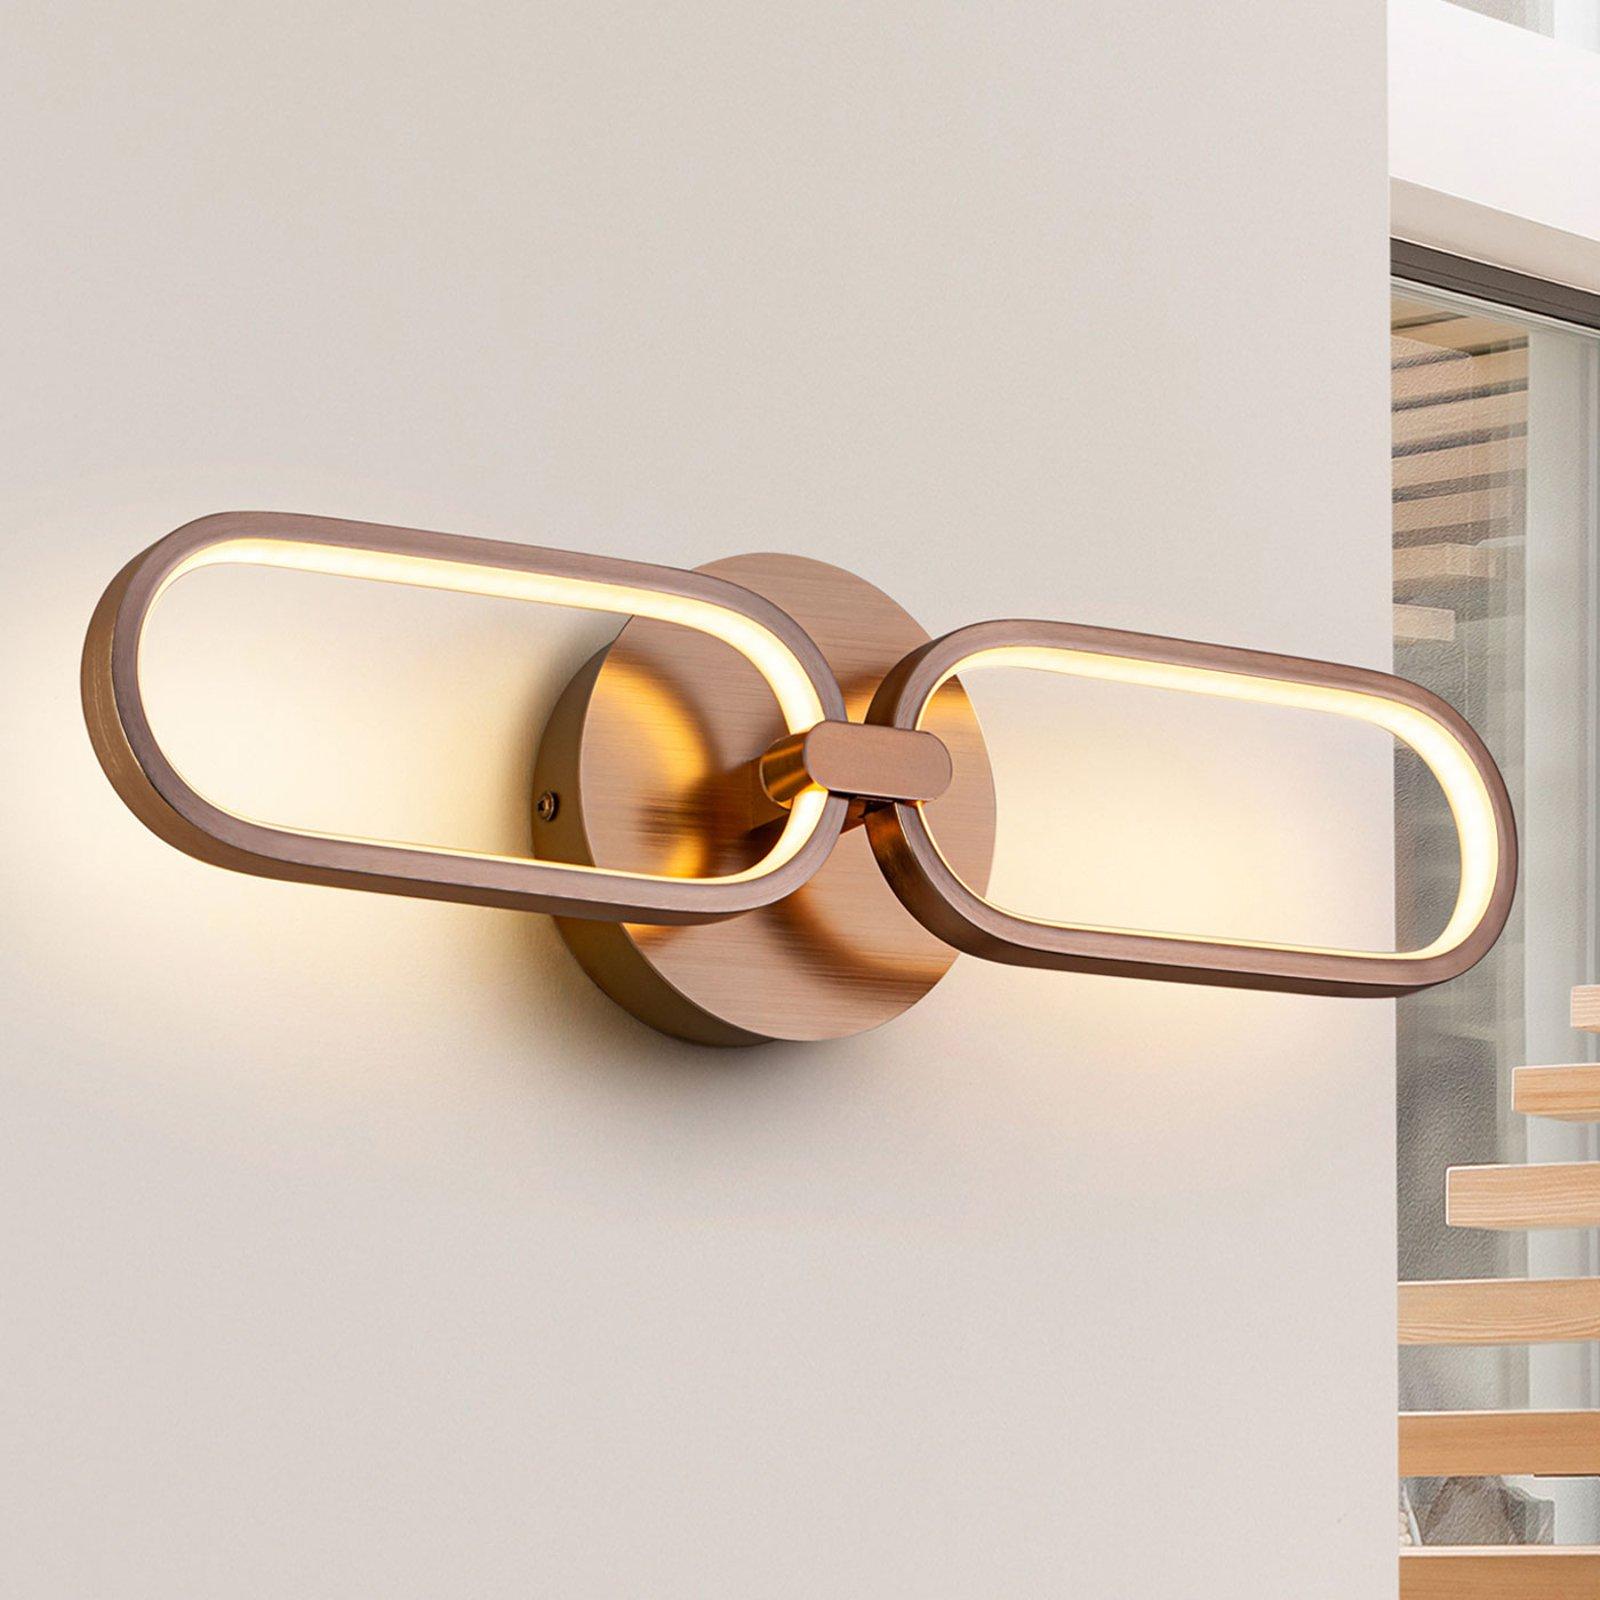 LED-vegglampe Colette, 2 lyskilder, gull